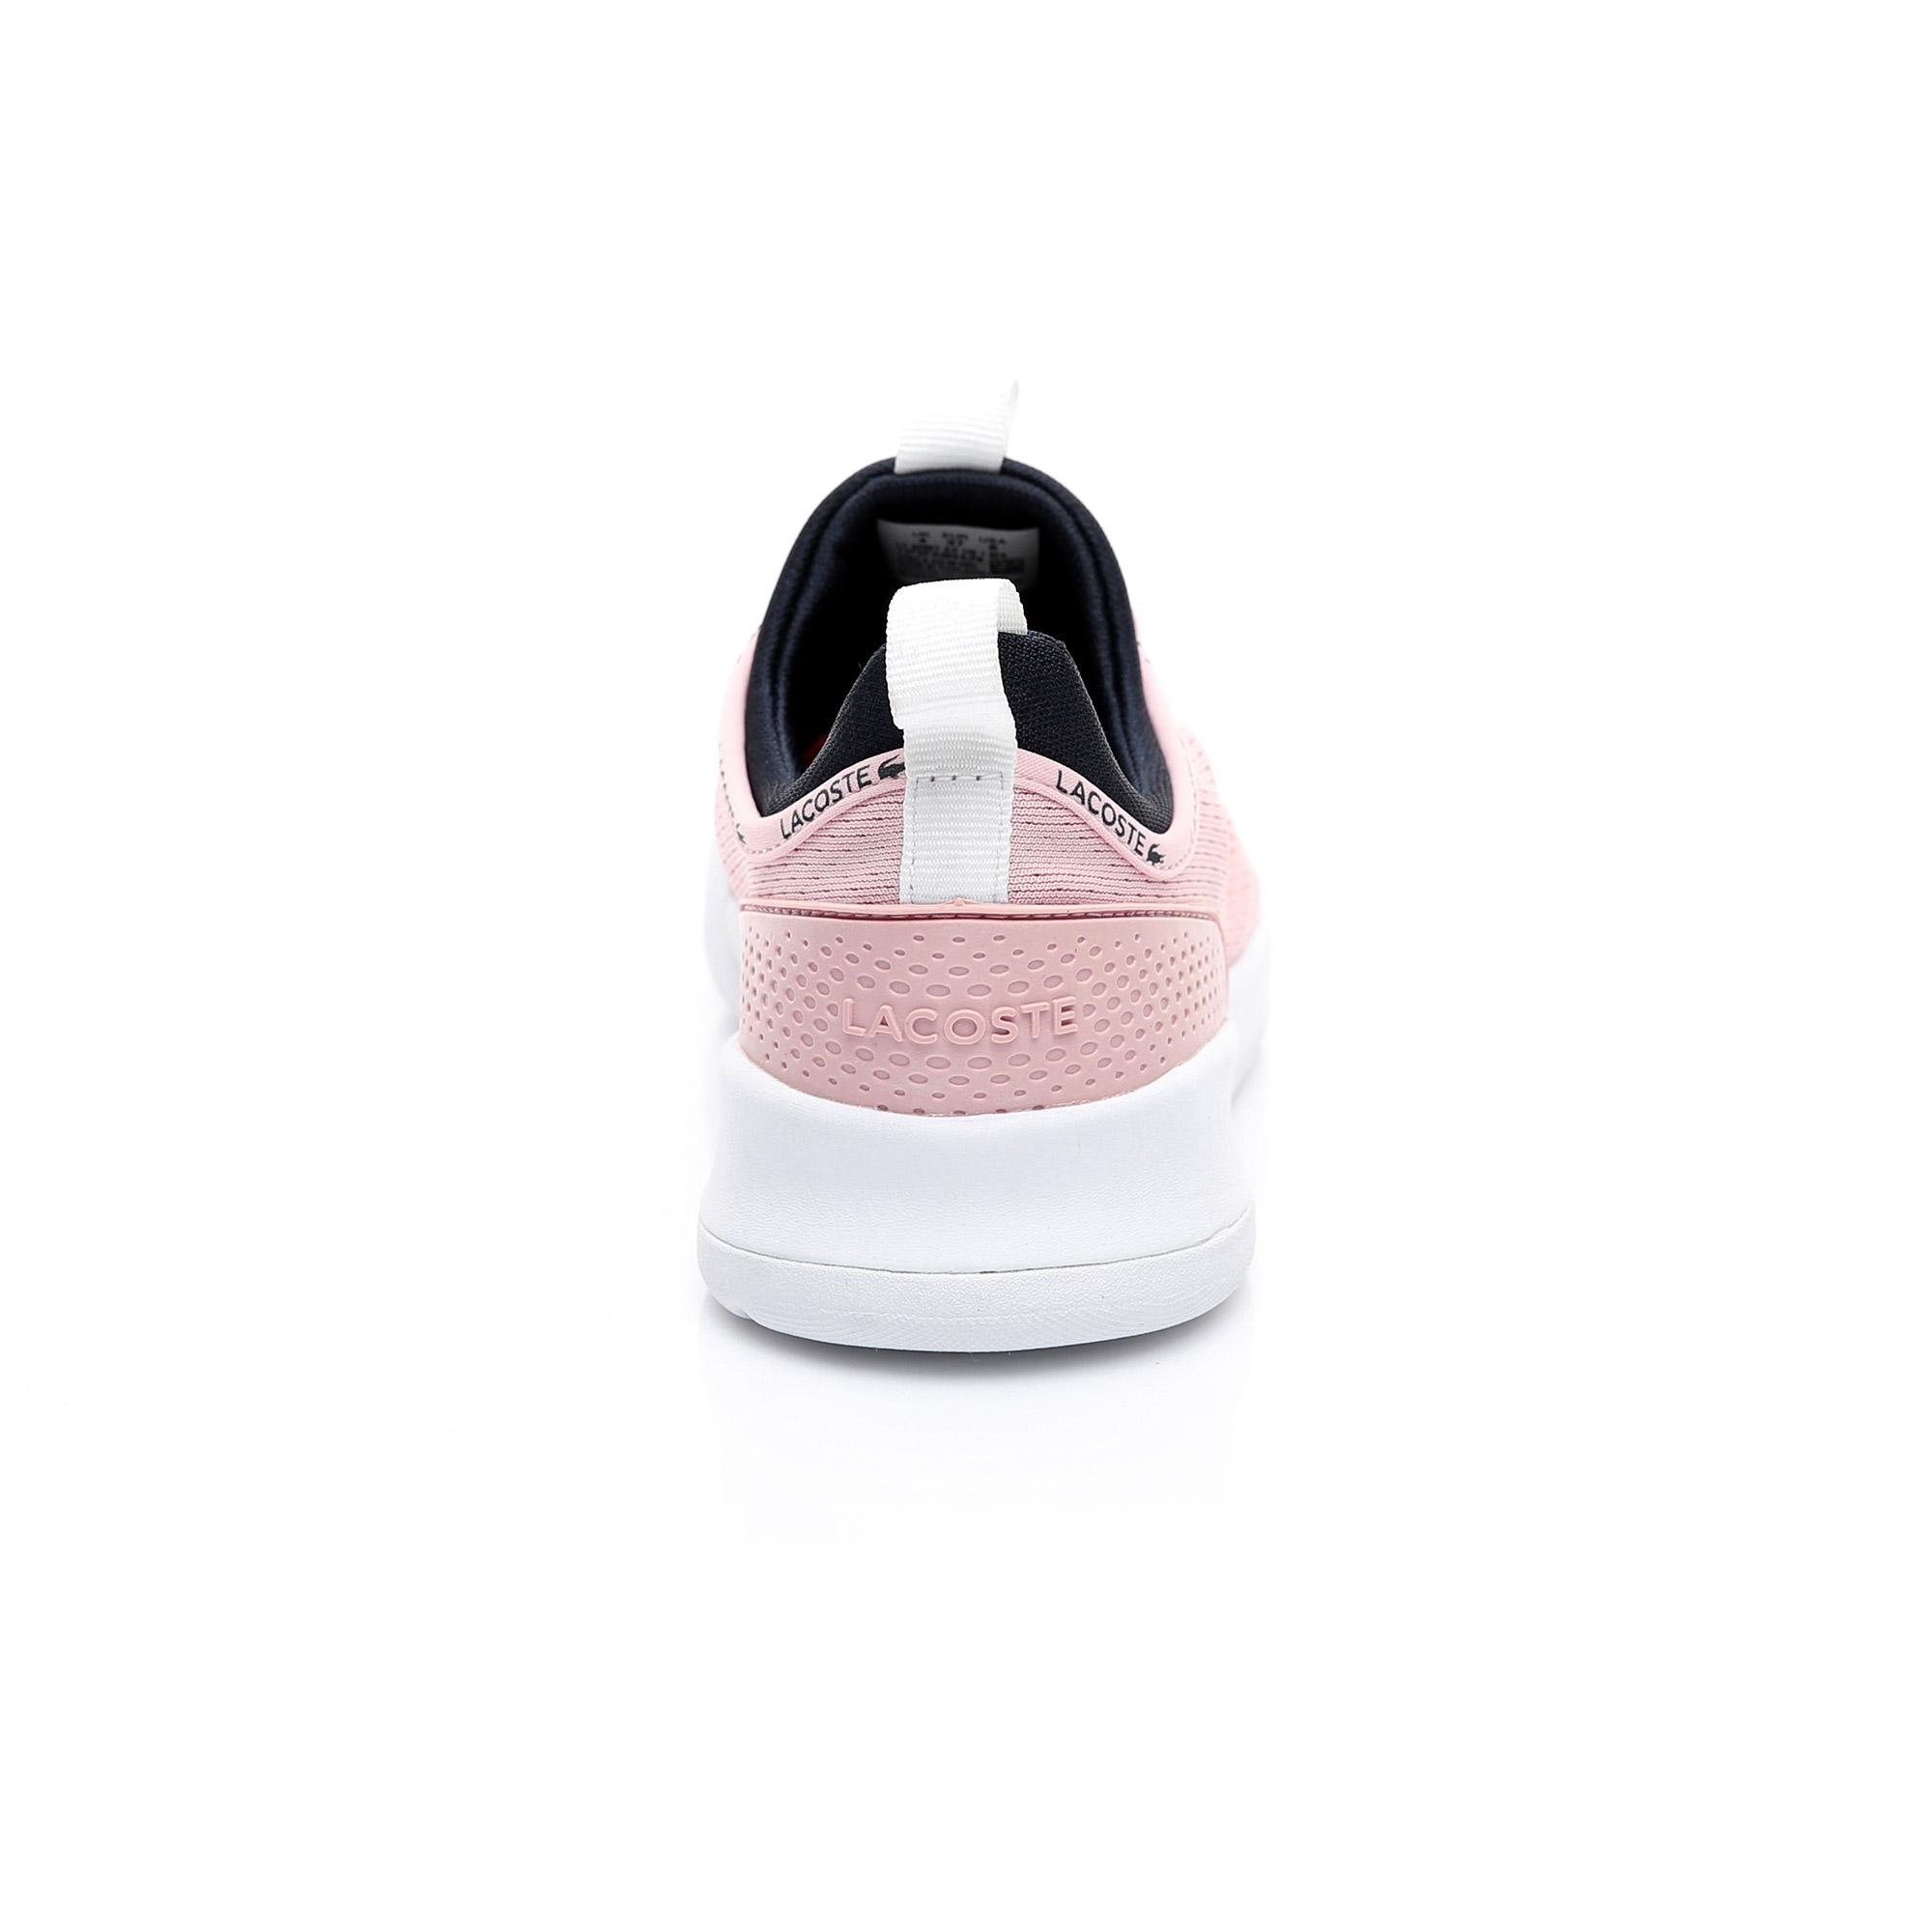 Lacoste Kadın Açık Pembe - Lacivert LT Spirit 2.0 119 1 Spor Ayakkabı